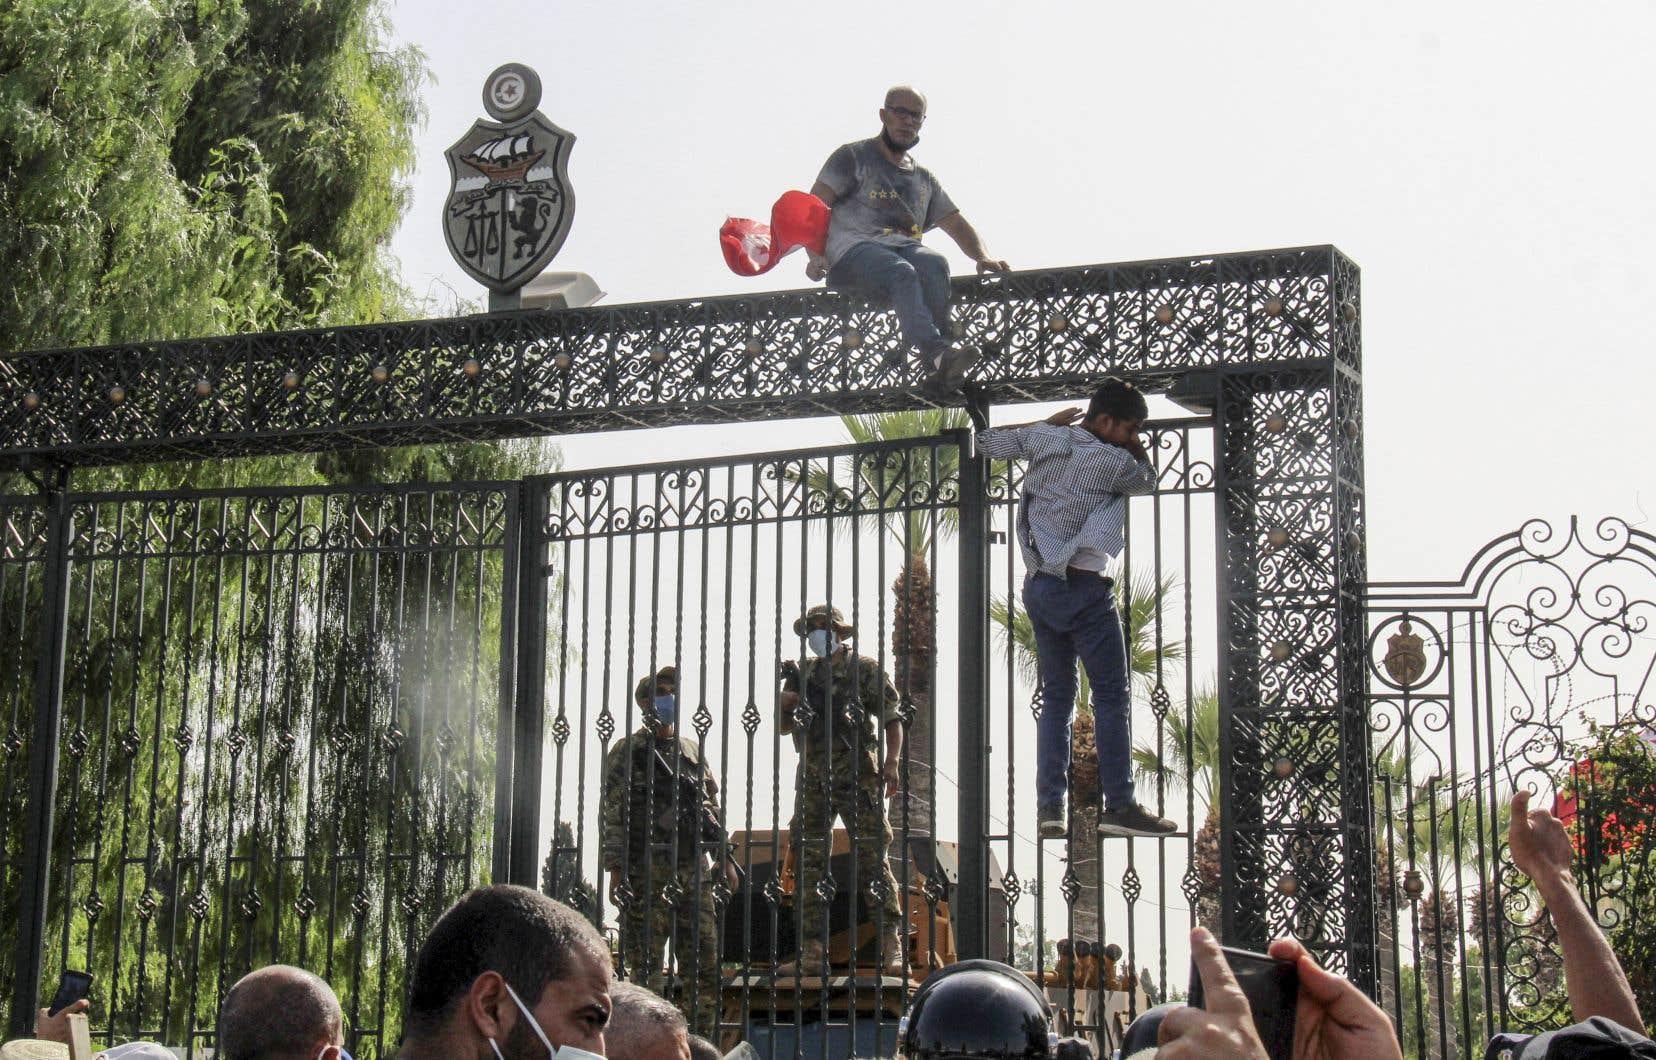 Lundi, plusieurs centaines de partisans du président Saied et d'Ennahdha se sont échangé des jets de bouteilles et de pierres devant le Parlement à Tunis. La situation est ensuite revenue à la normale.